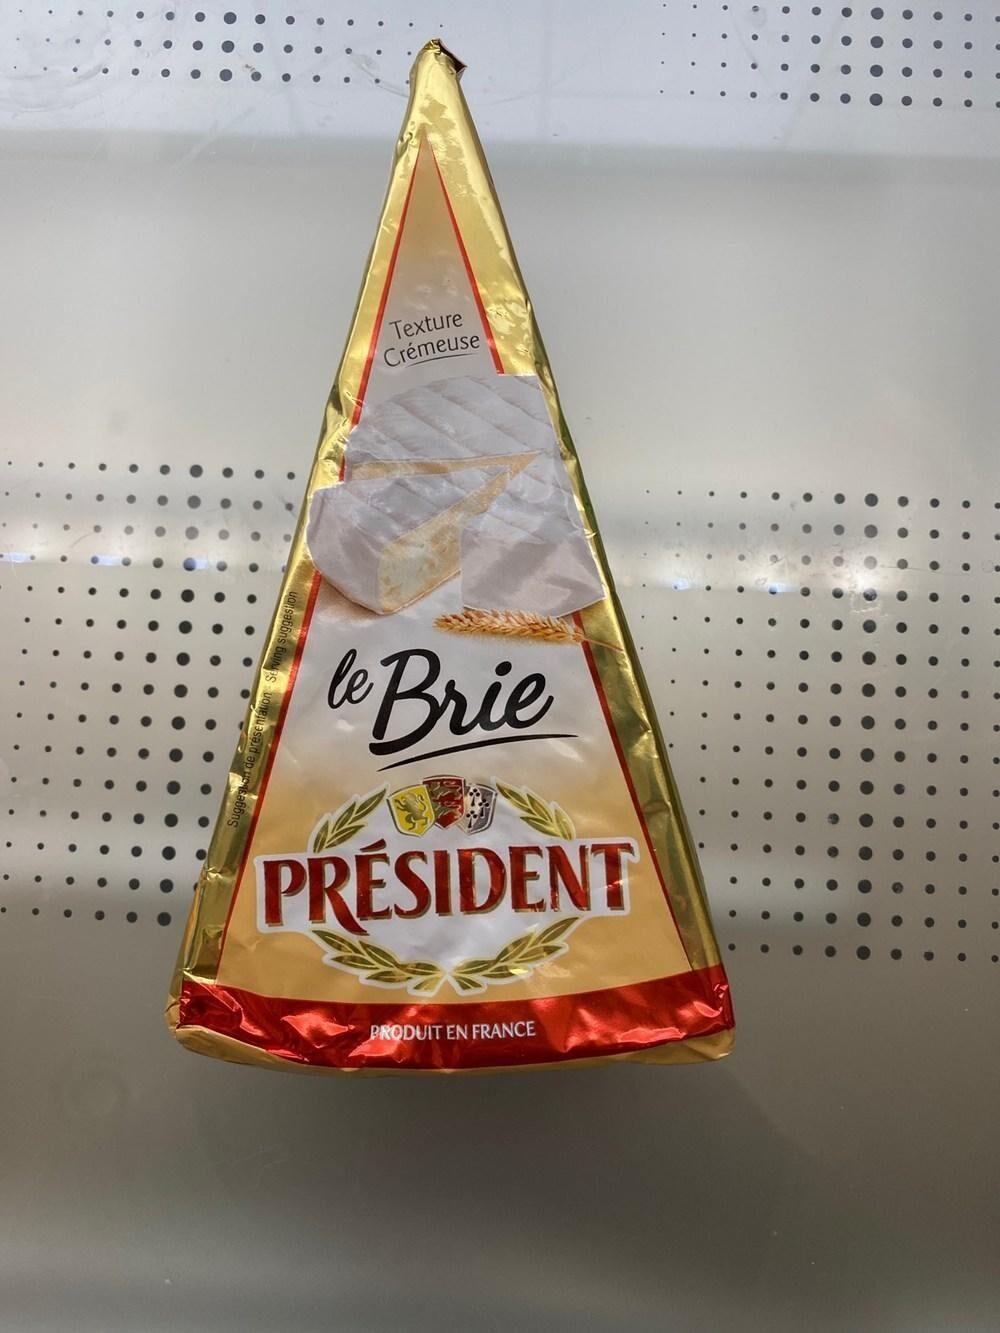 Brie - Product - en